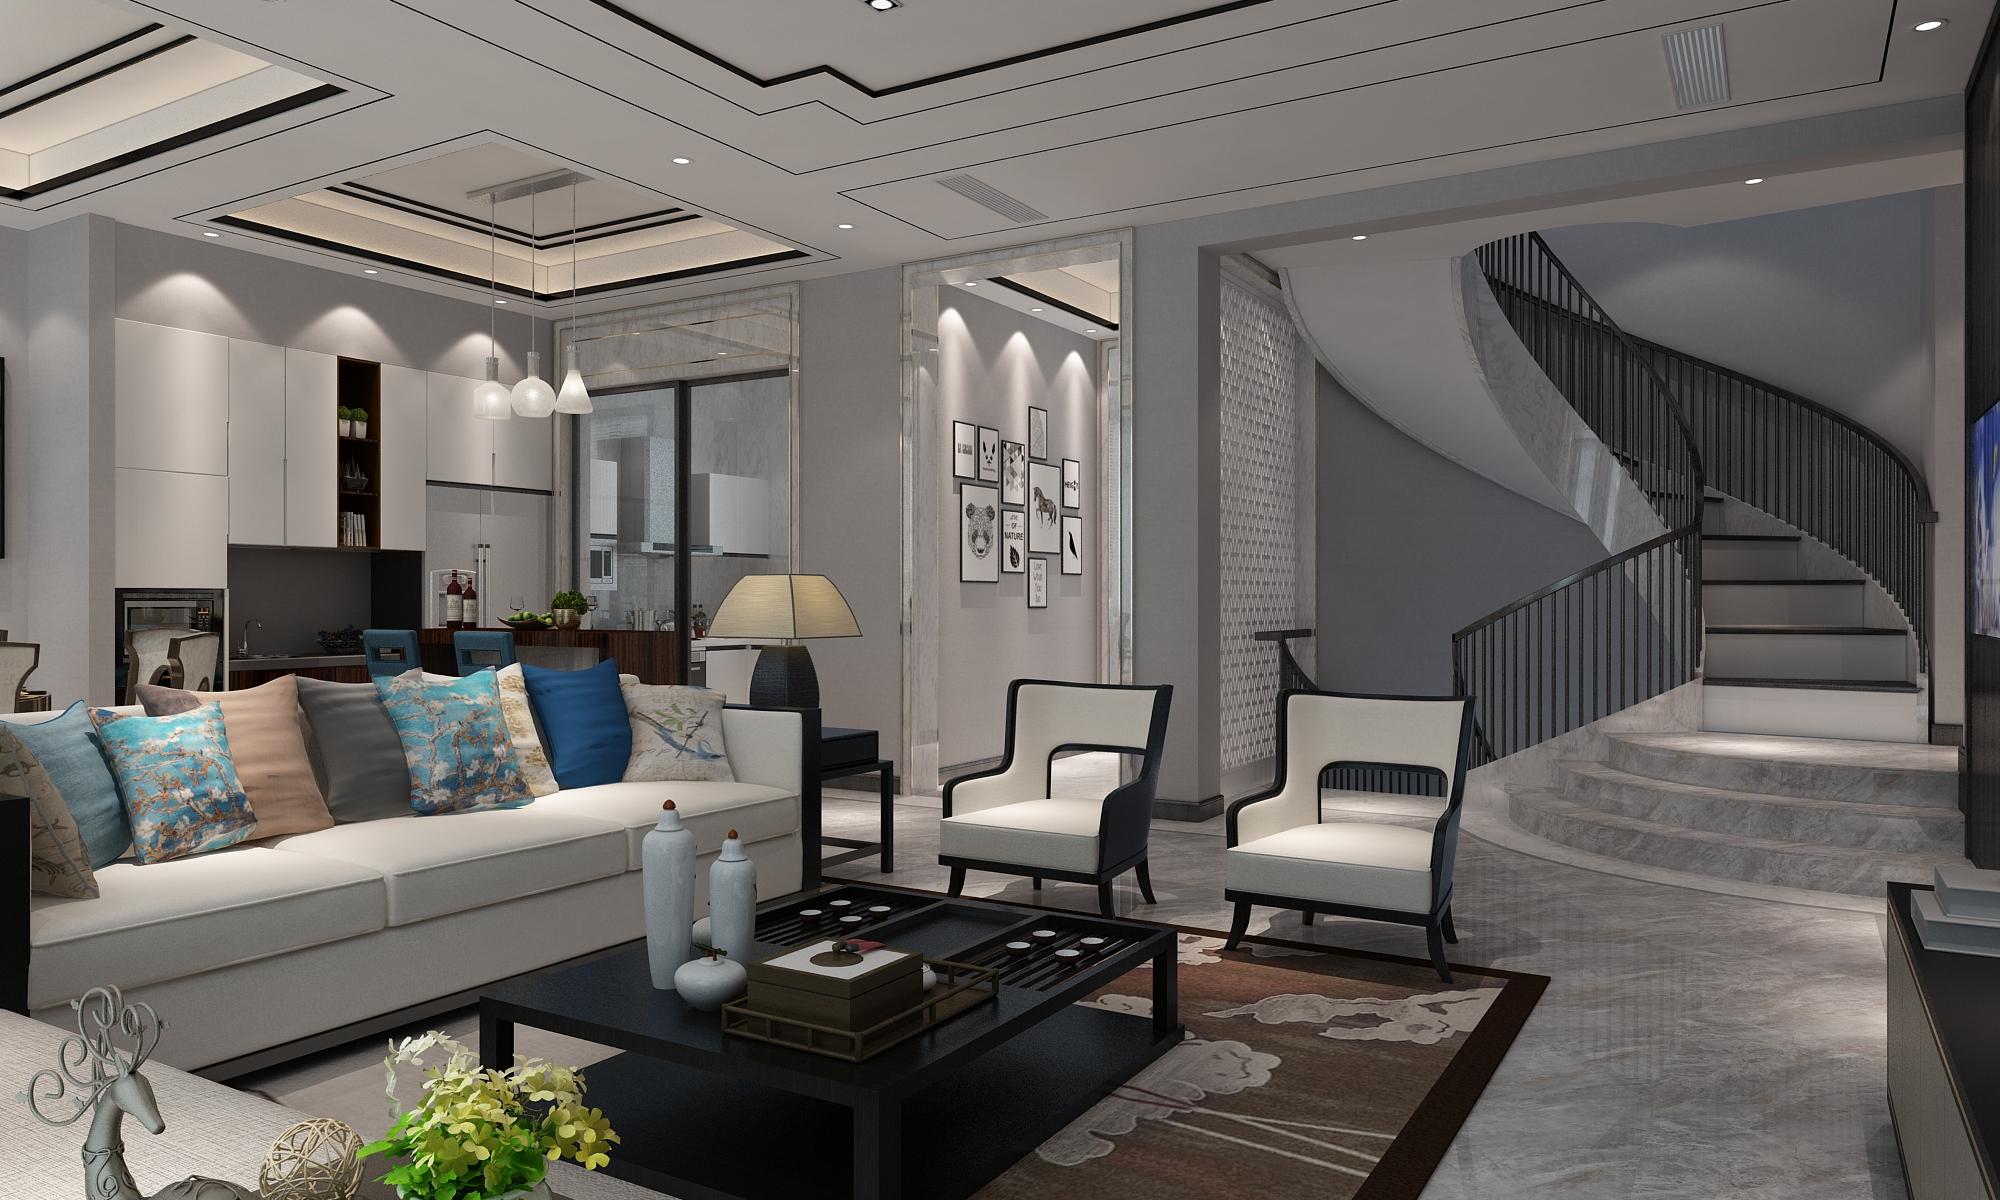 上海院子 别墅装修 现代风格 腾龙设计 客厅图片来自孔继民在上海院子别墅装修现代风格设计的分享